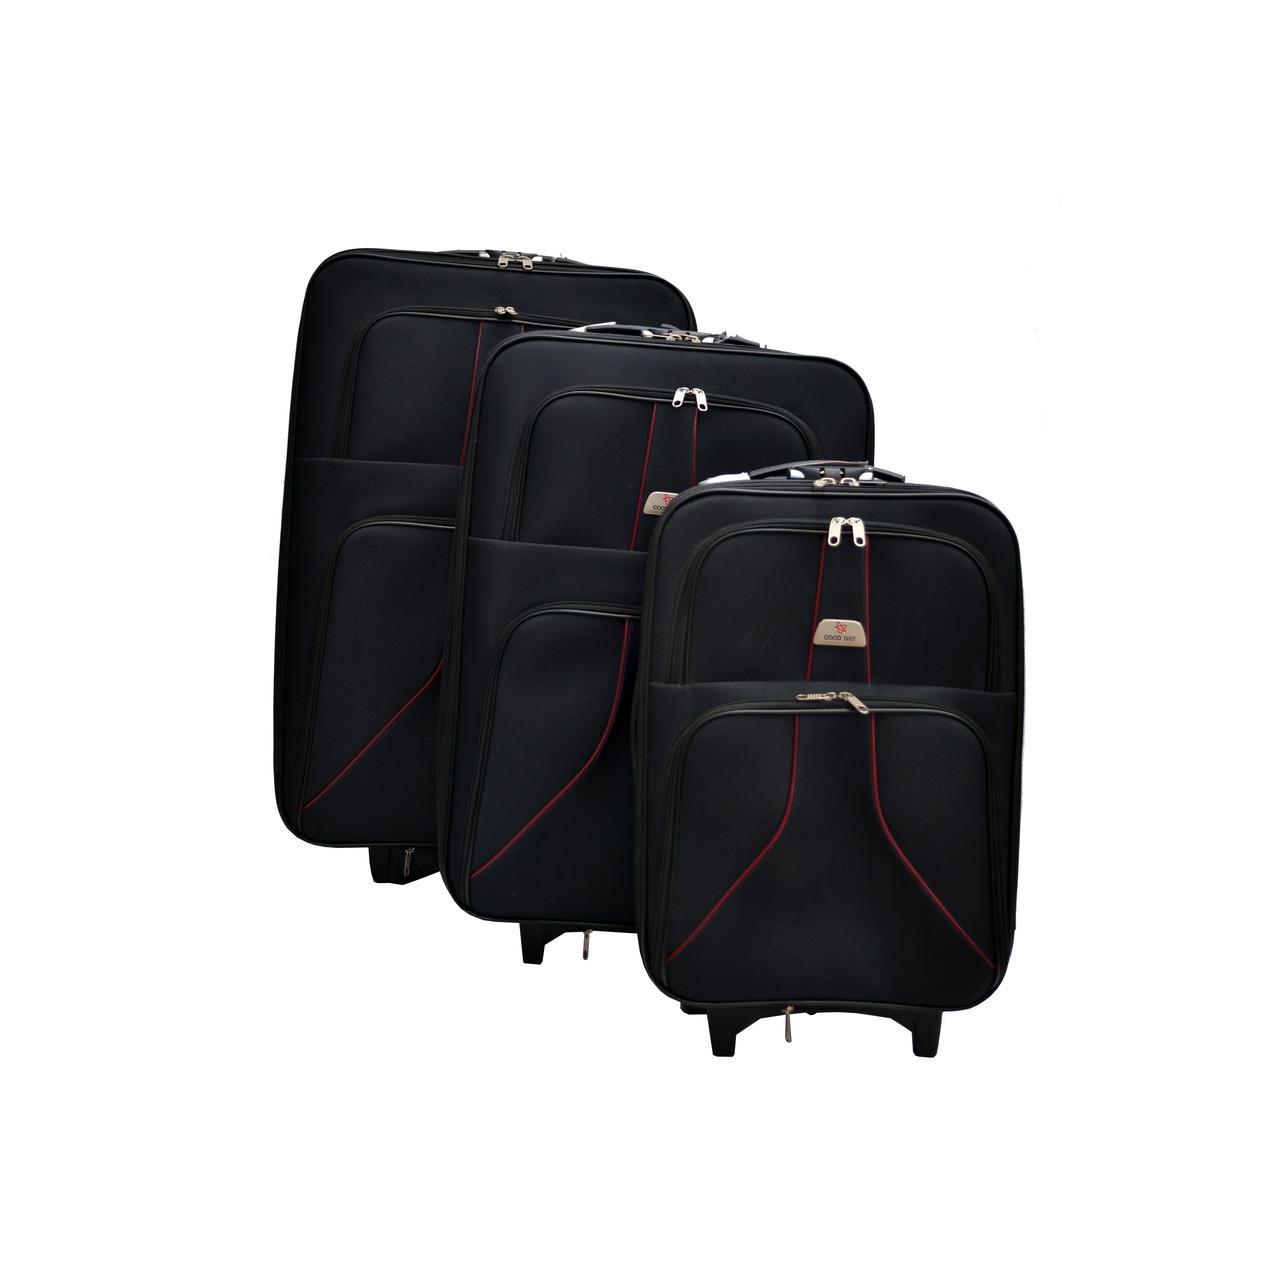 Большой дорожный чемодан на колесах размеры: 78 см х 50 см х 26+5 см